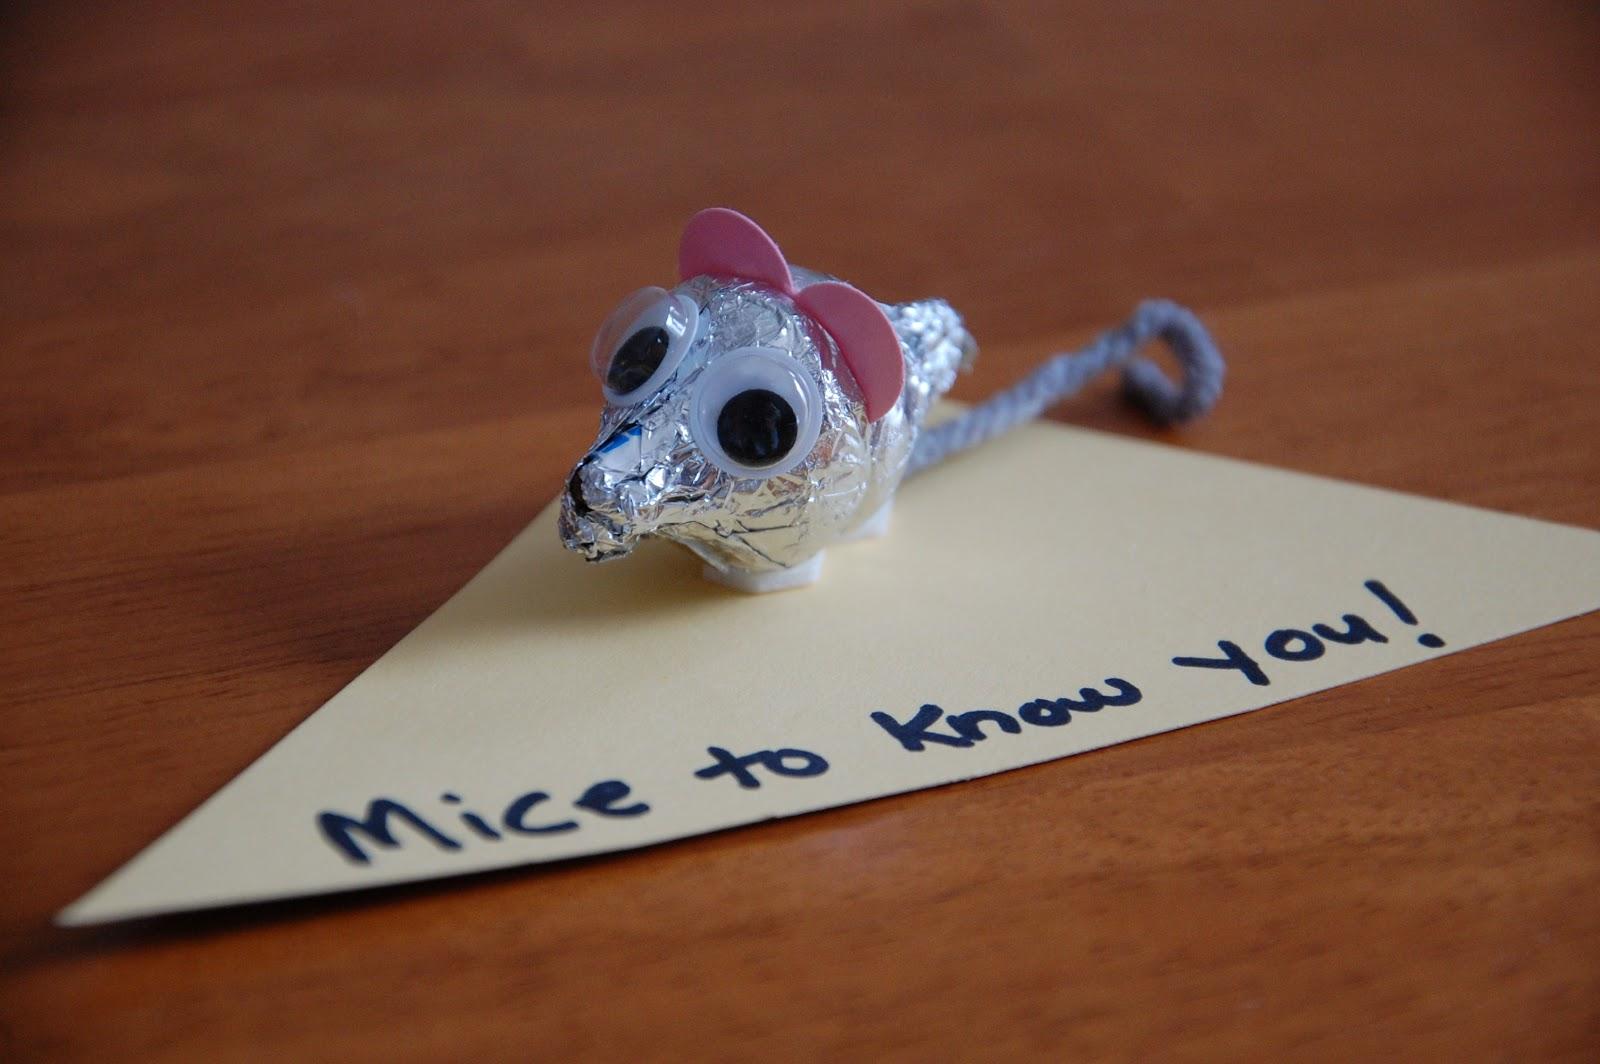 Мицето-